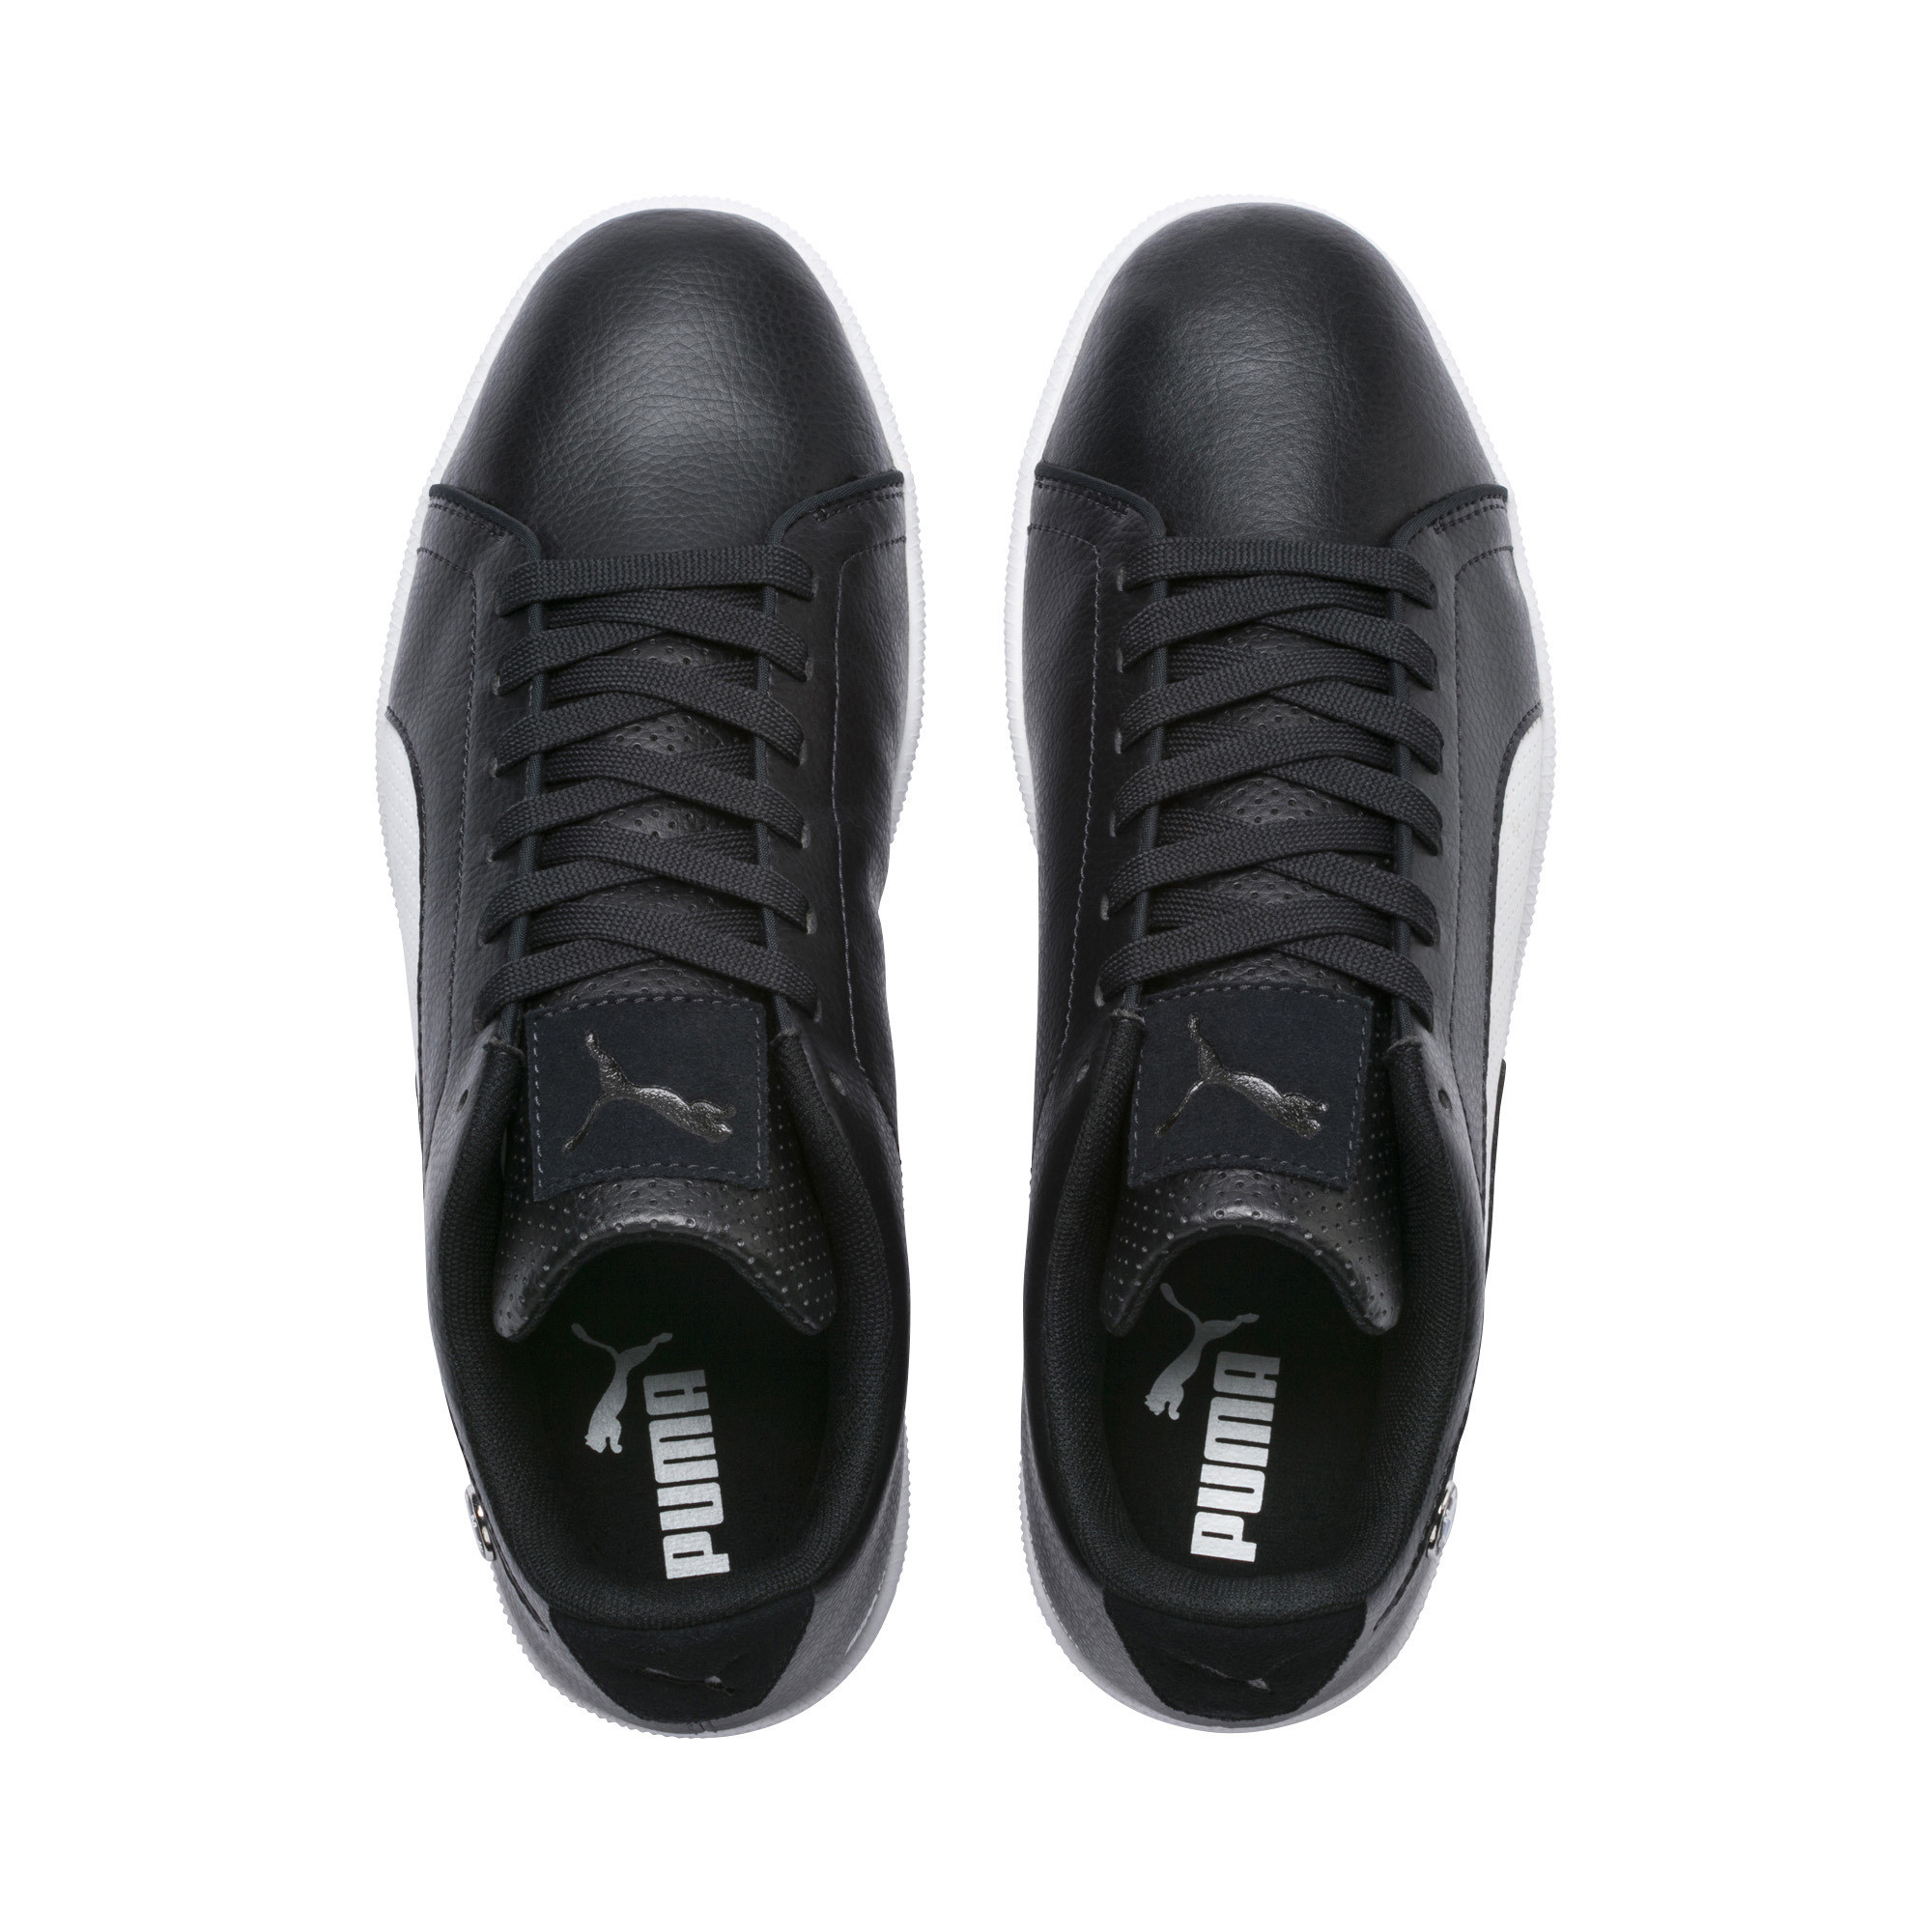 PUMA-BMW-M-Motorsport-Court-Perf-Sneaker-Maenner-Schuhe-Neu Indexbild 19